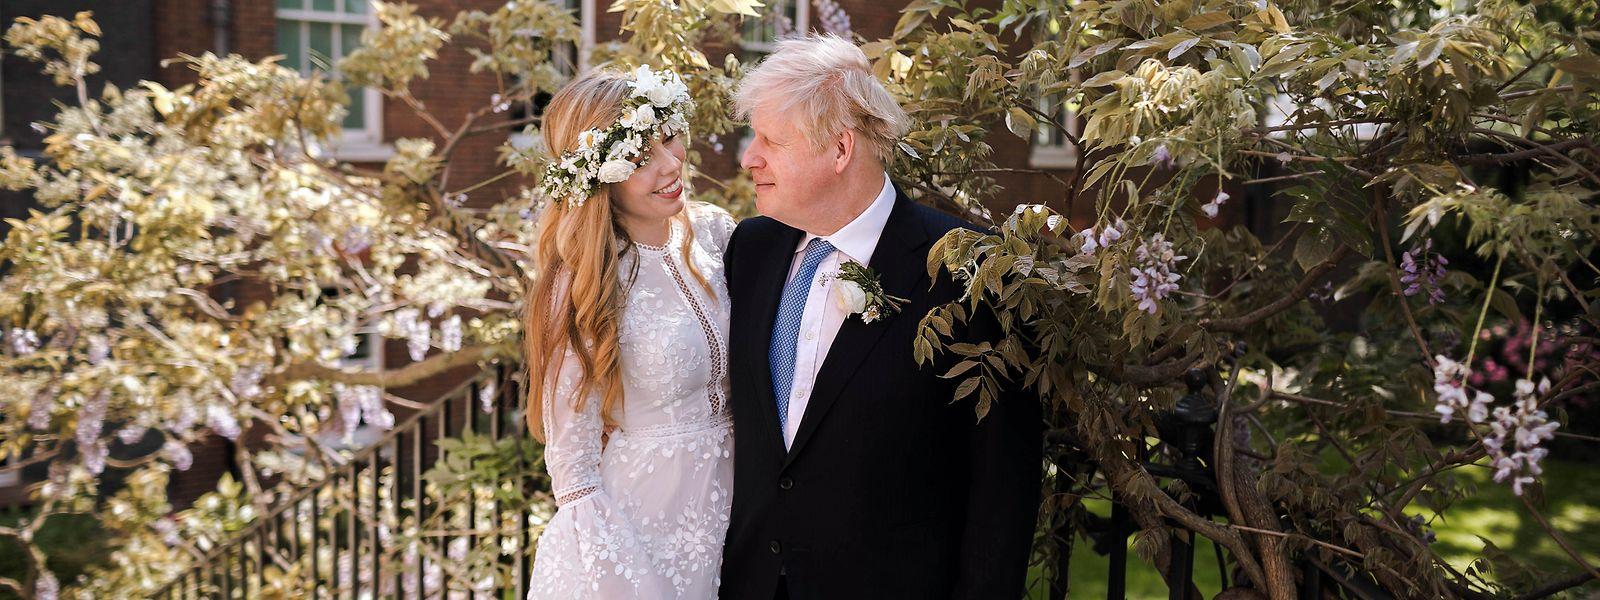 Dass Boris Johnson seine Lebensgefährtin Carrie Symonds heiraten will - das war bekannt. Doch die Corona-Pandemie wirbelte die Pläne des Paars durcheinander.